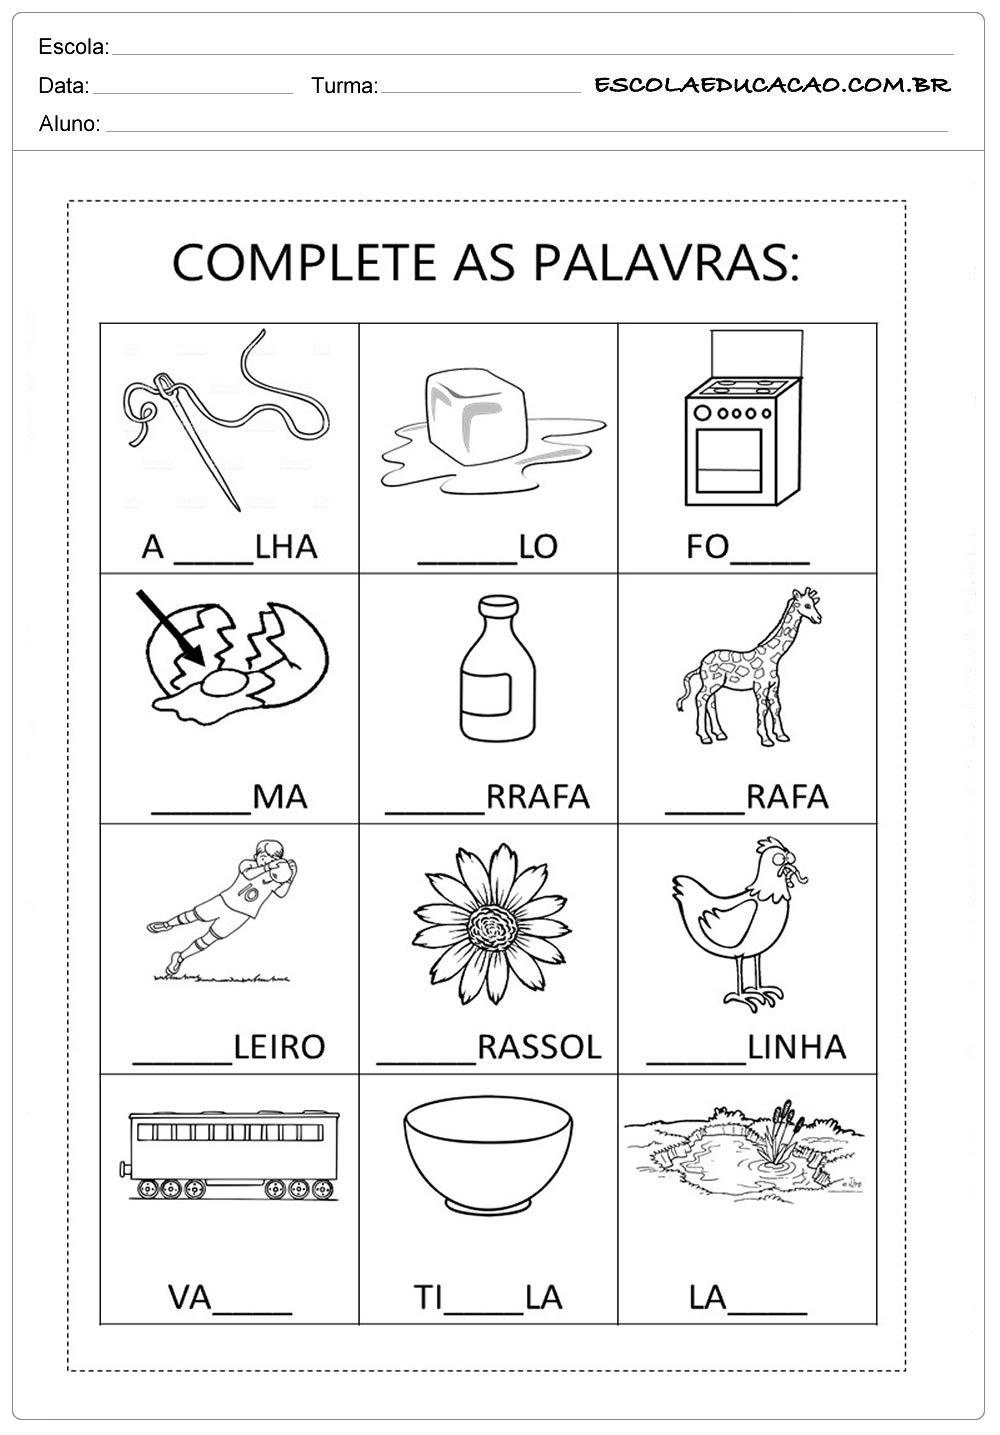 Atividades com a Letra G - Complete as Palavras